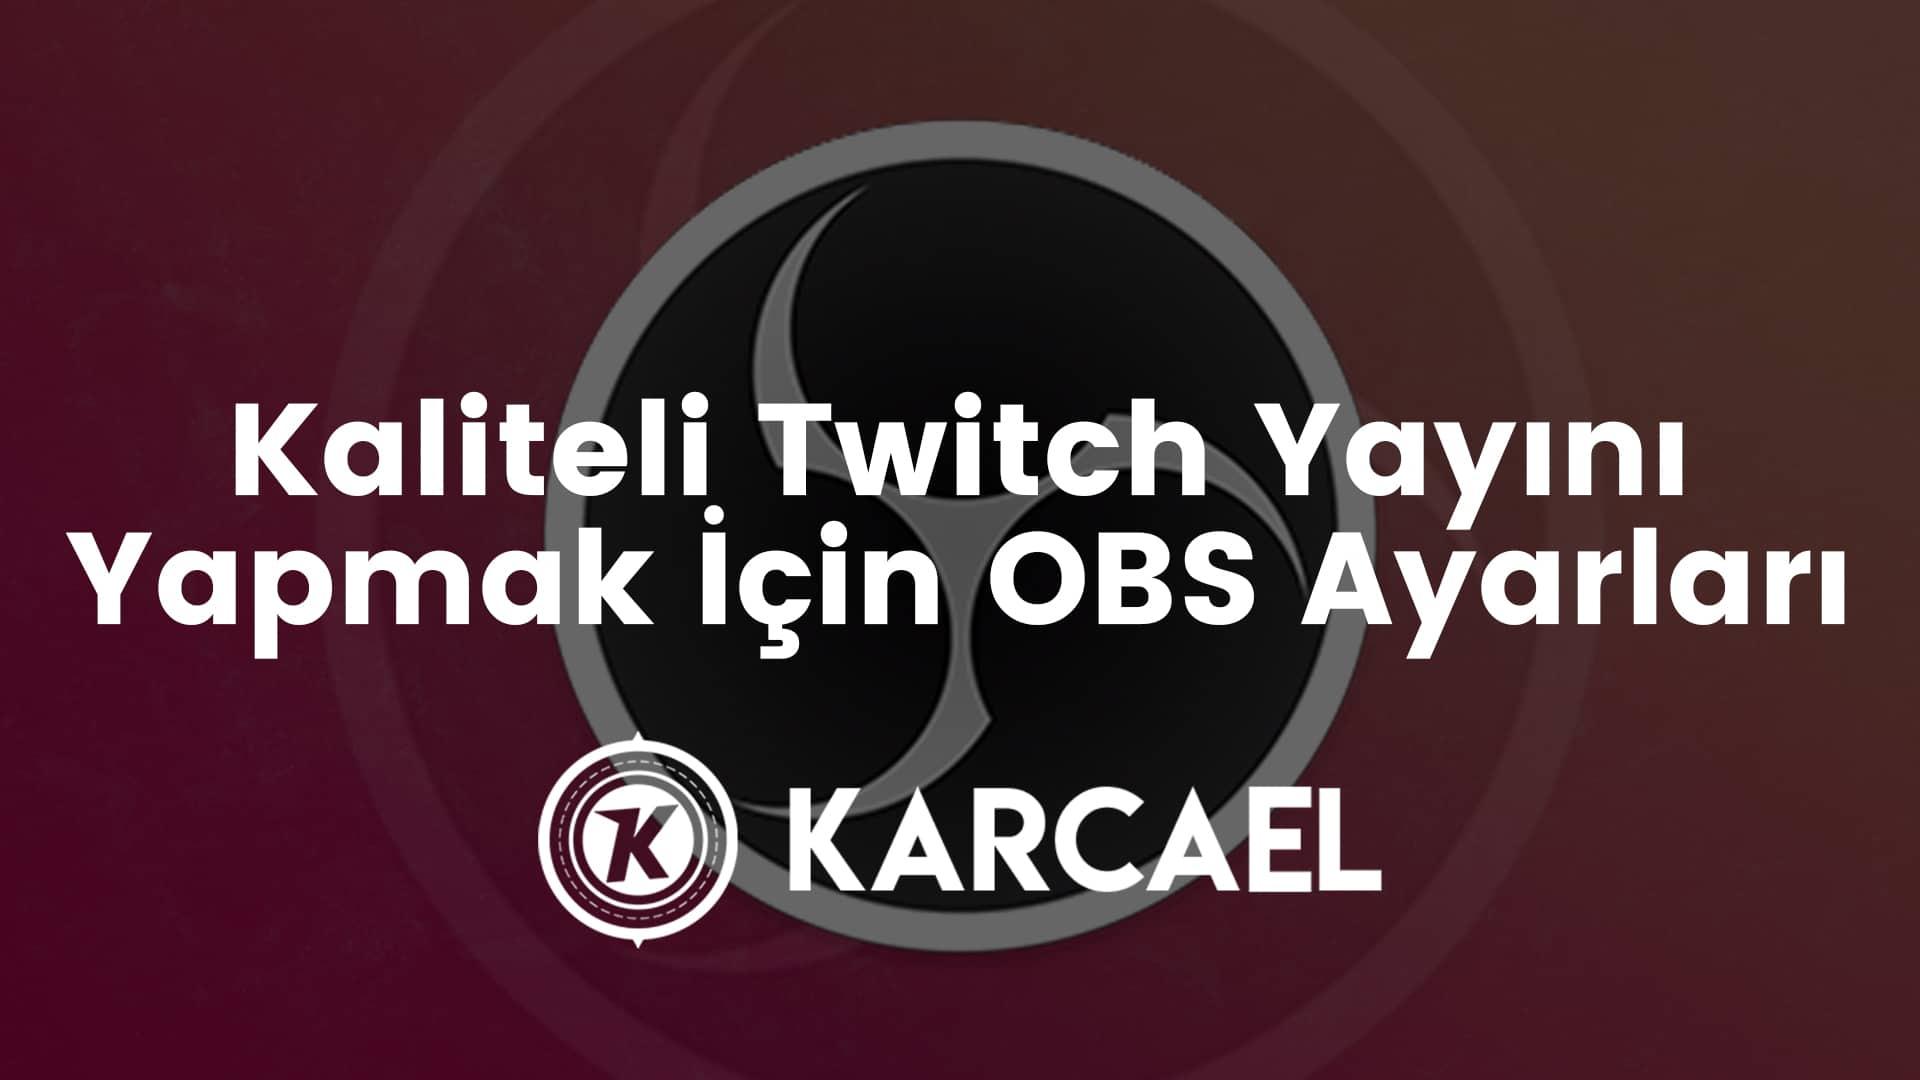 Kaliteli-Twitch-Yayını-Yapmak-İçin-OBS-Ayarları